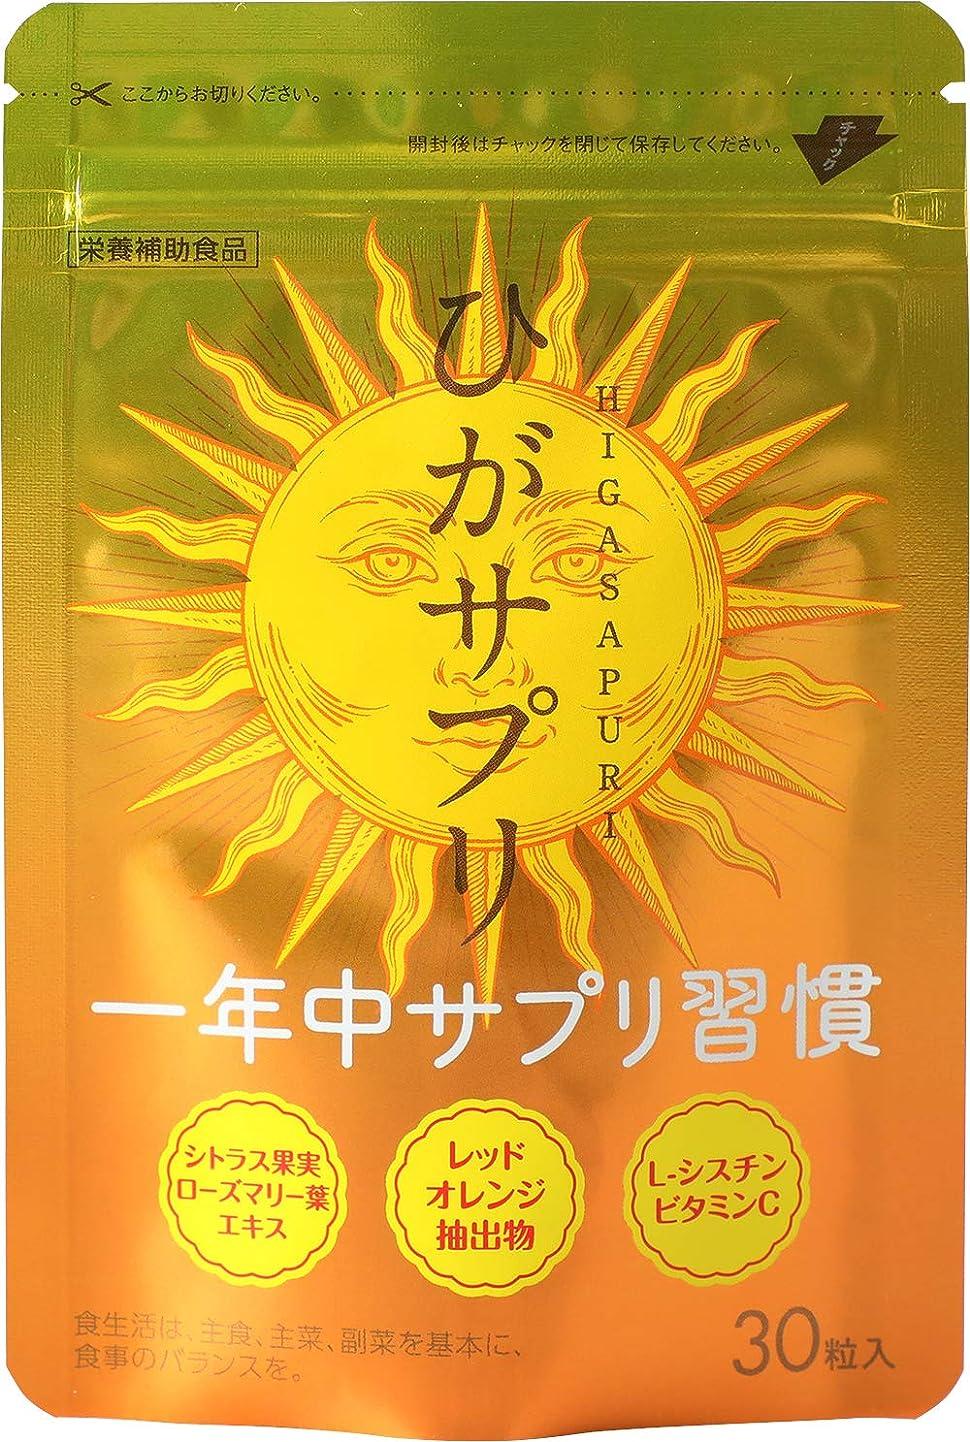 オフセット列車コロニー飲む日焼け止めサプリメント ひがサプリ UVケア UV対策 ニュートロックスサン 日傘サプリ